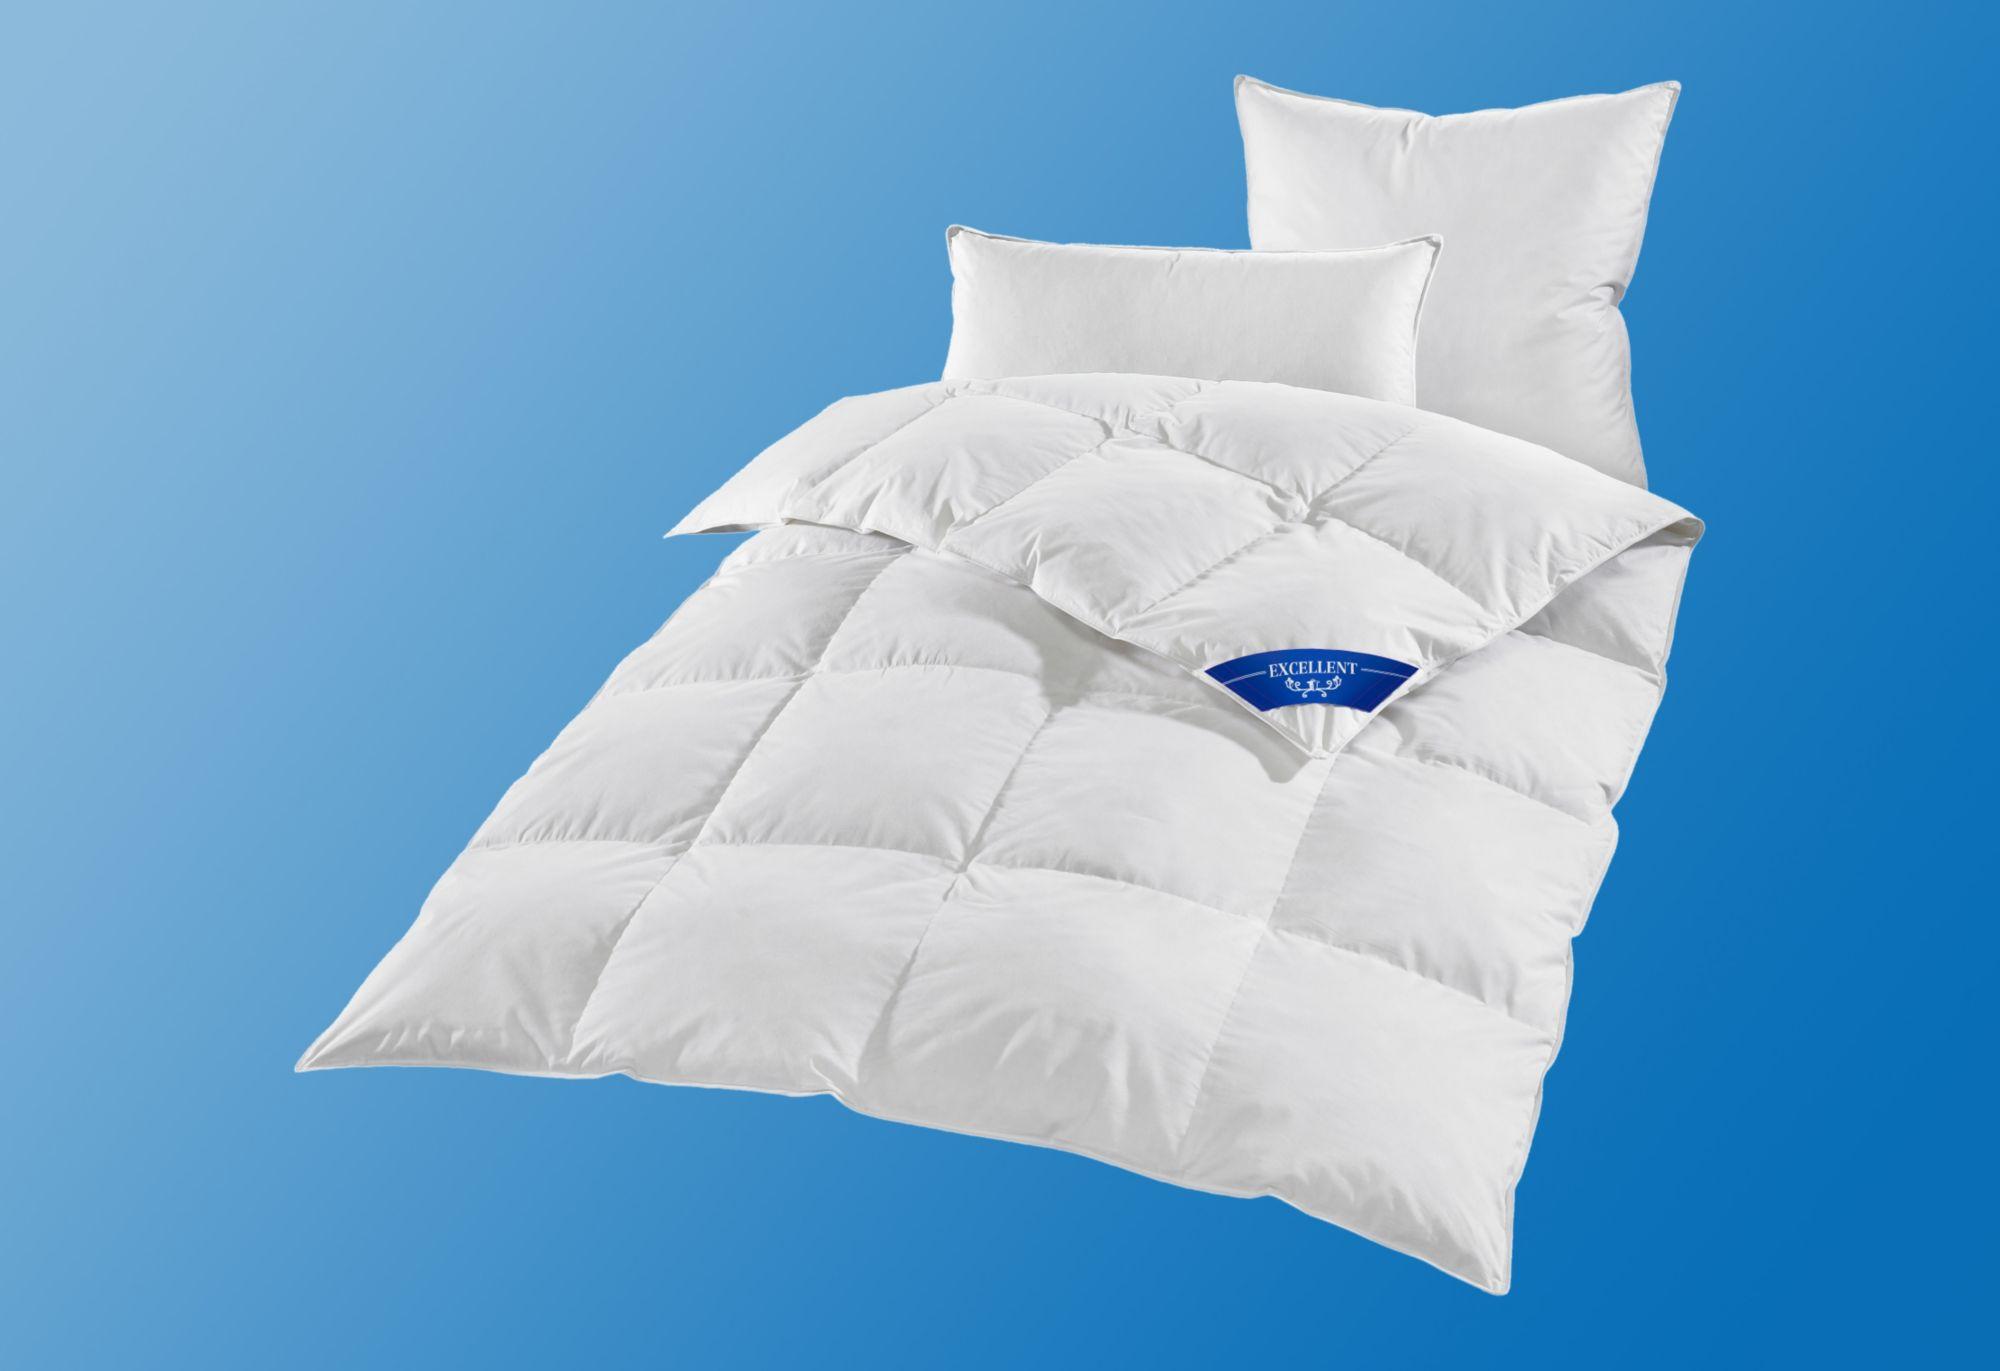 EXCELLENT Bettdeckenset Excellent Premium, Warm, 100% Gänsedaunen